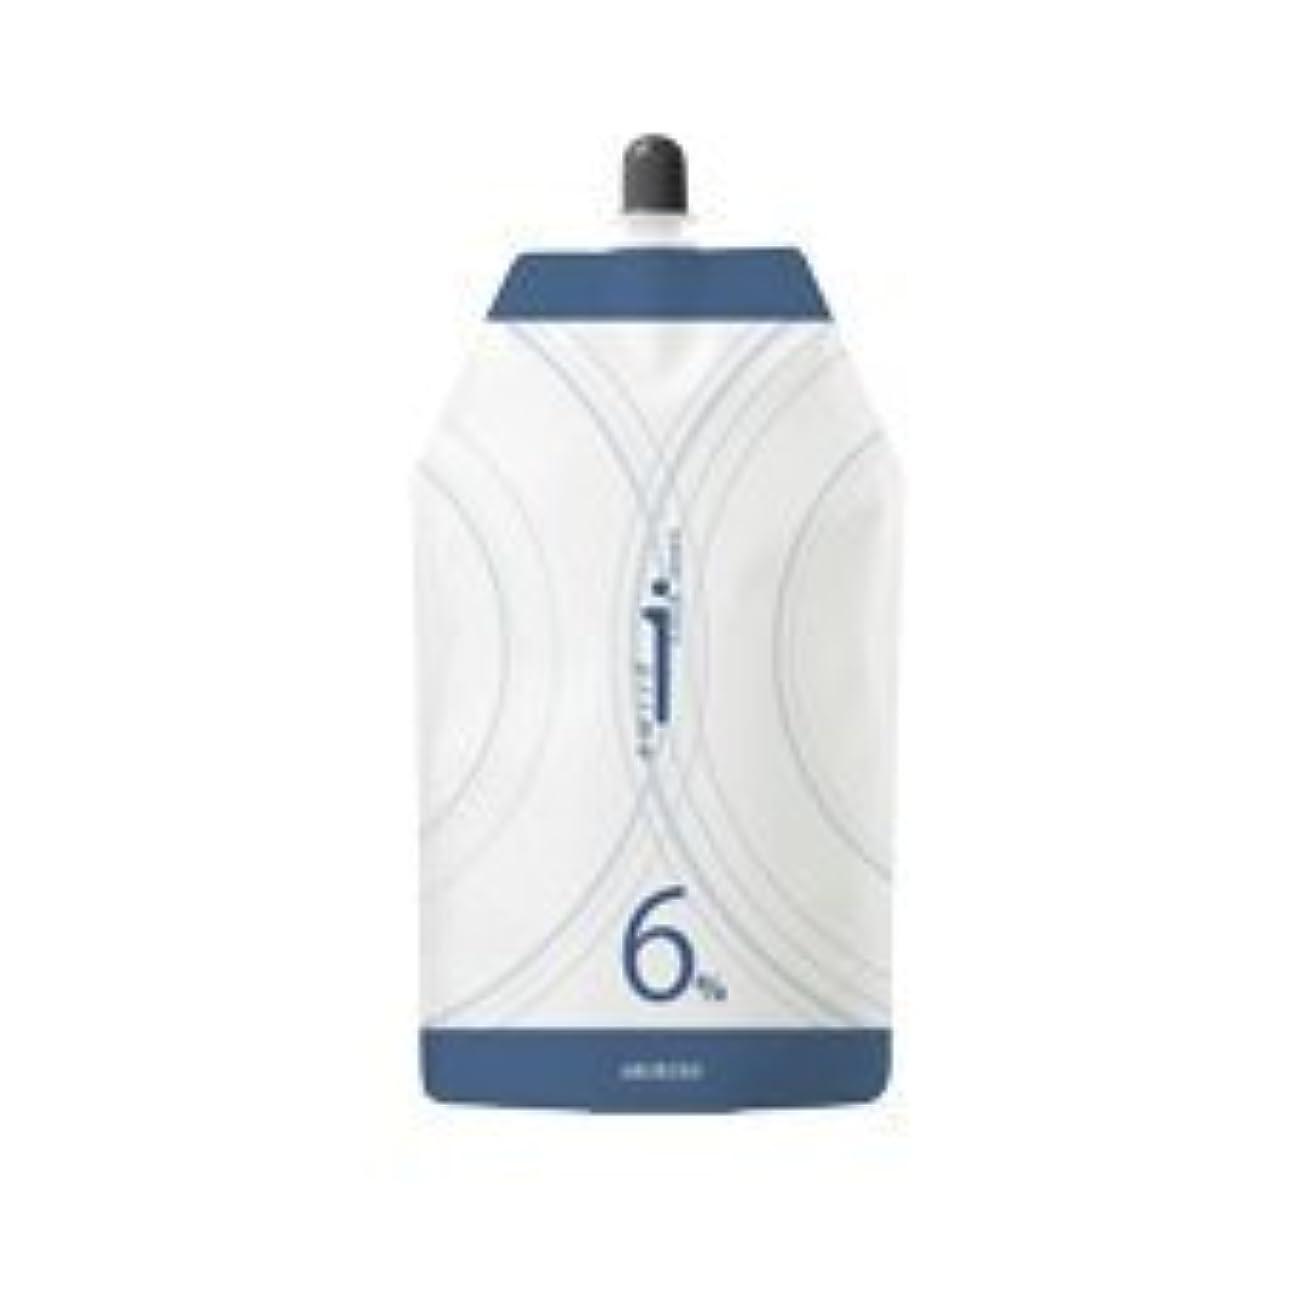 フローフルーツコンペアリミノ カラーストーリーiプライム ヘアカラー OX6% 1000g (ヘアカラー2剤)【業務用】【医薬部外品】